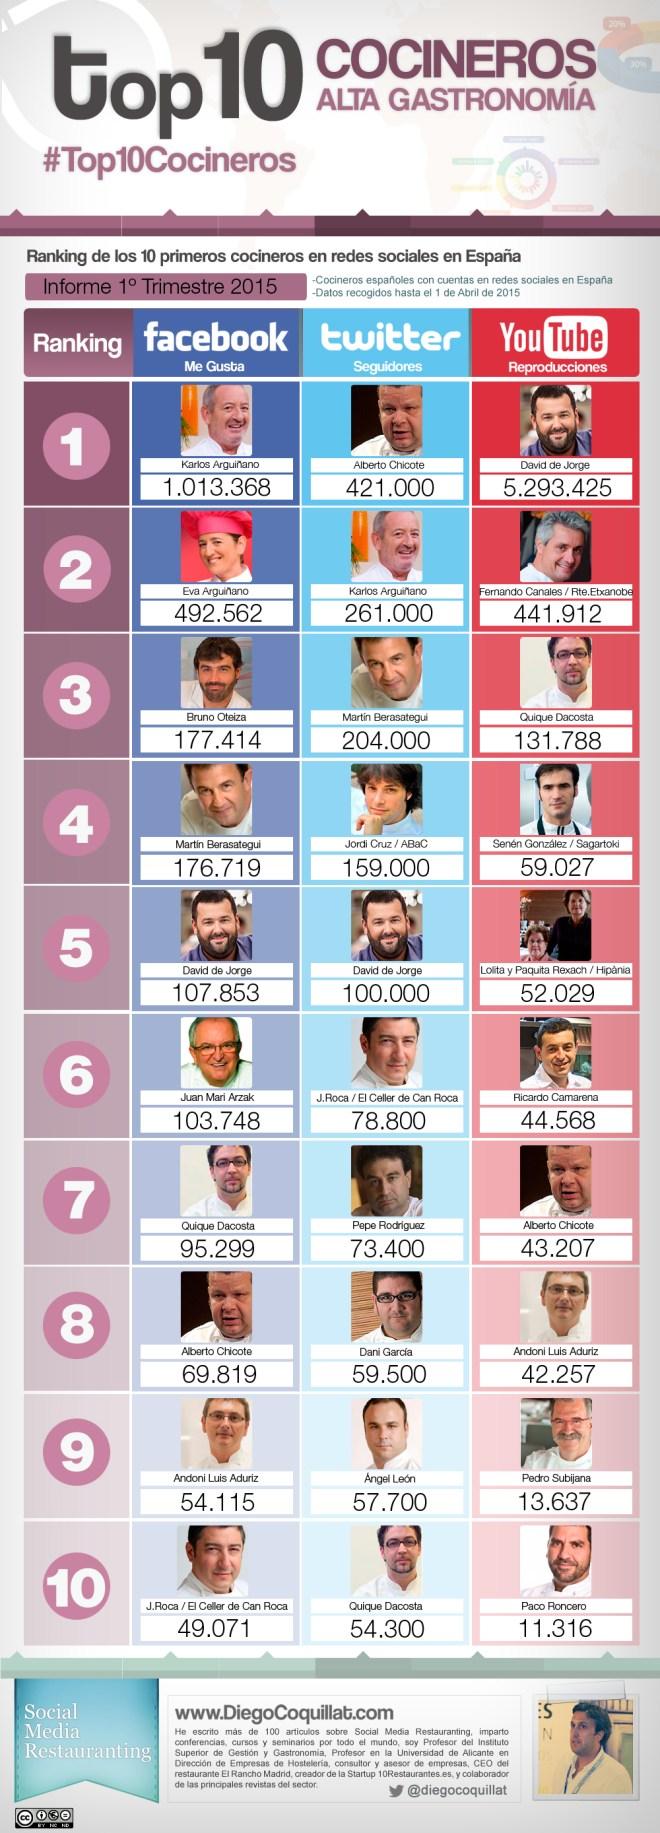 Top 10 cocineros en Redes Sociales (España 1T/2015)